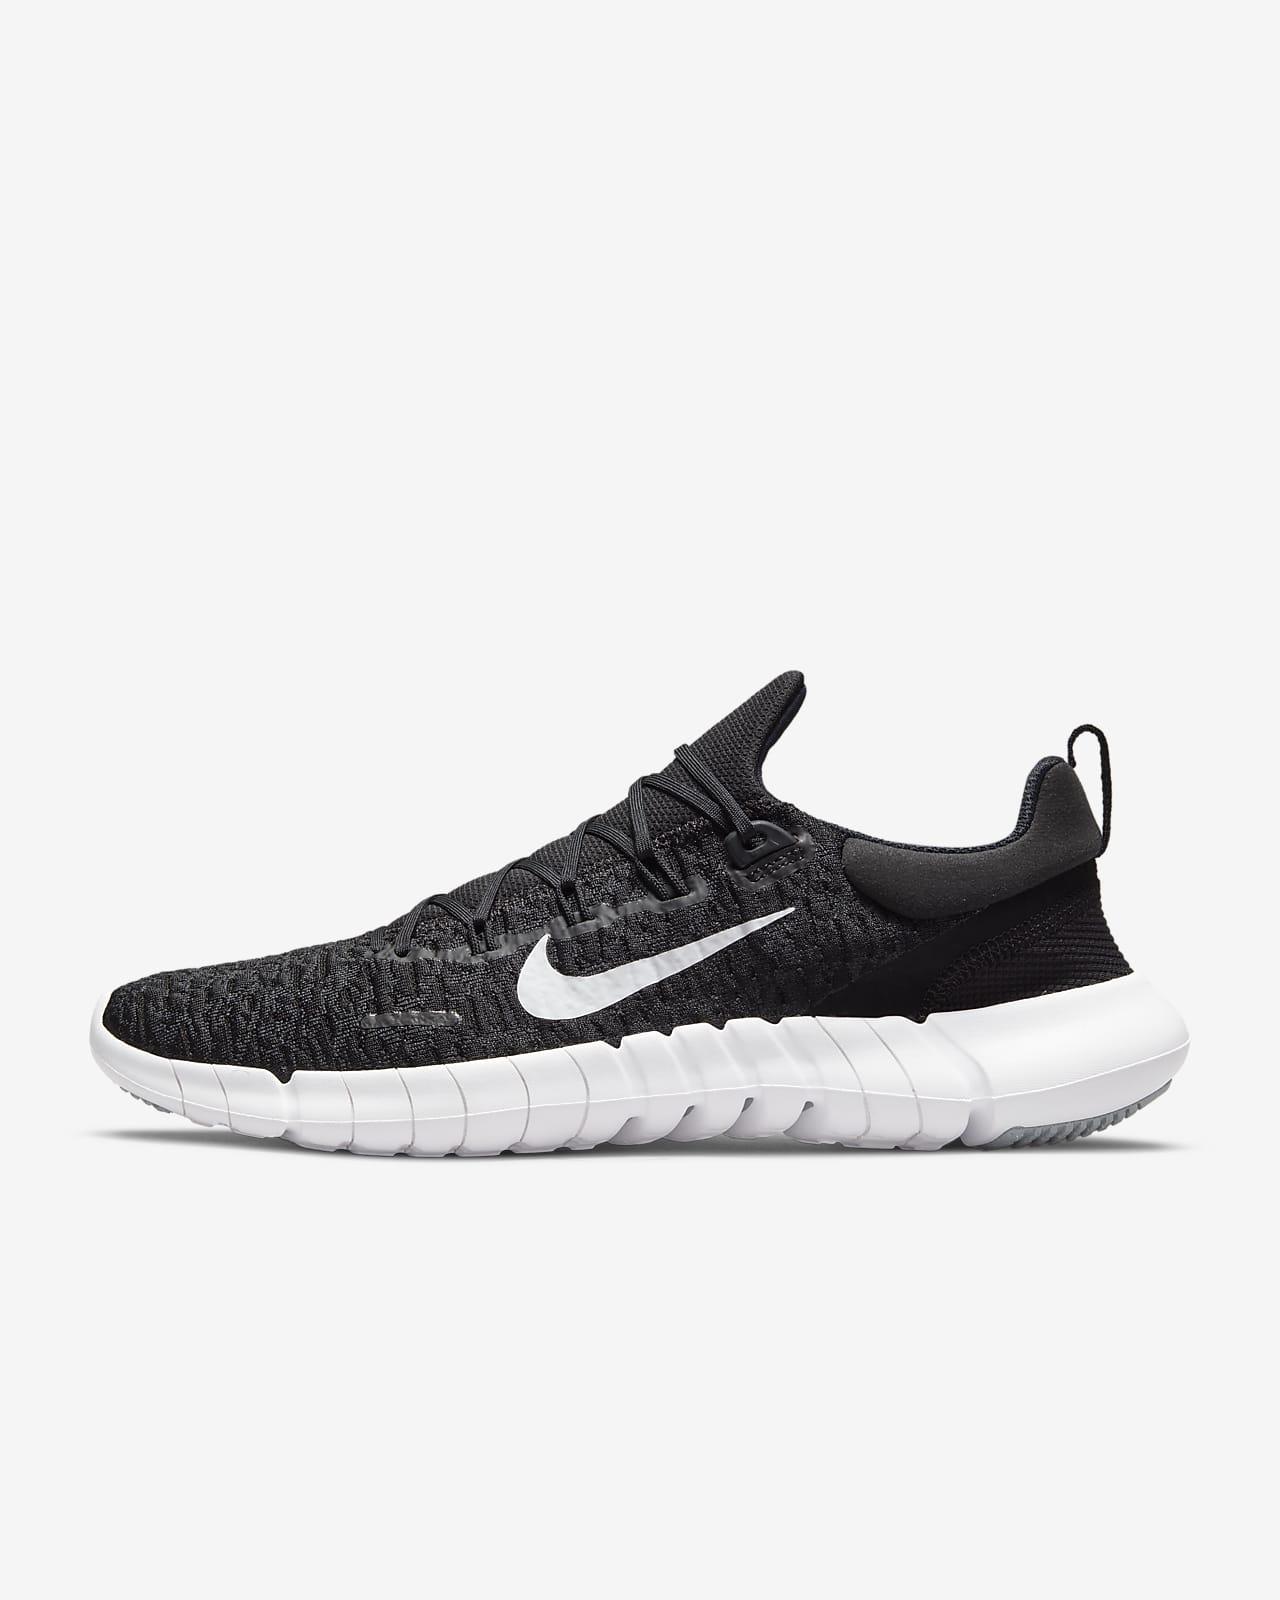 Nike Free Run 5.0 Hardloopschoenen voor heren (straat)